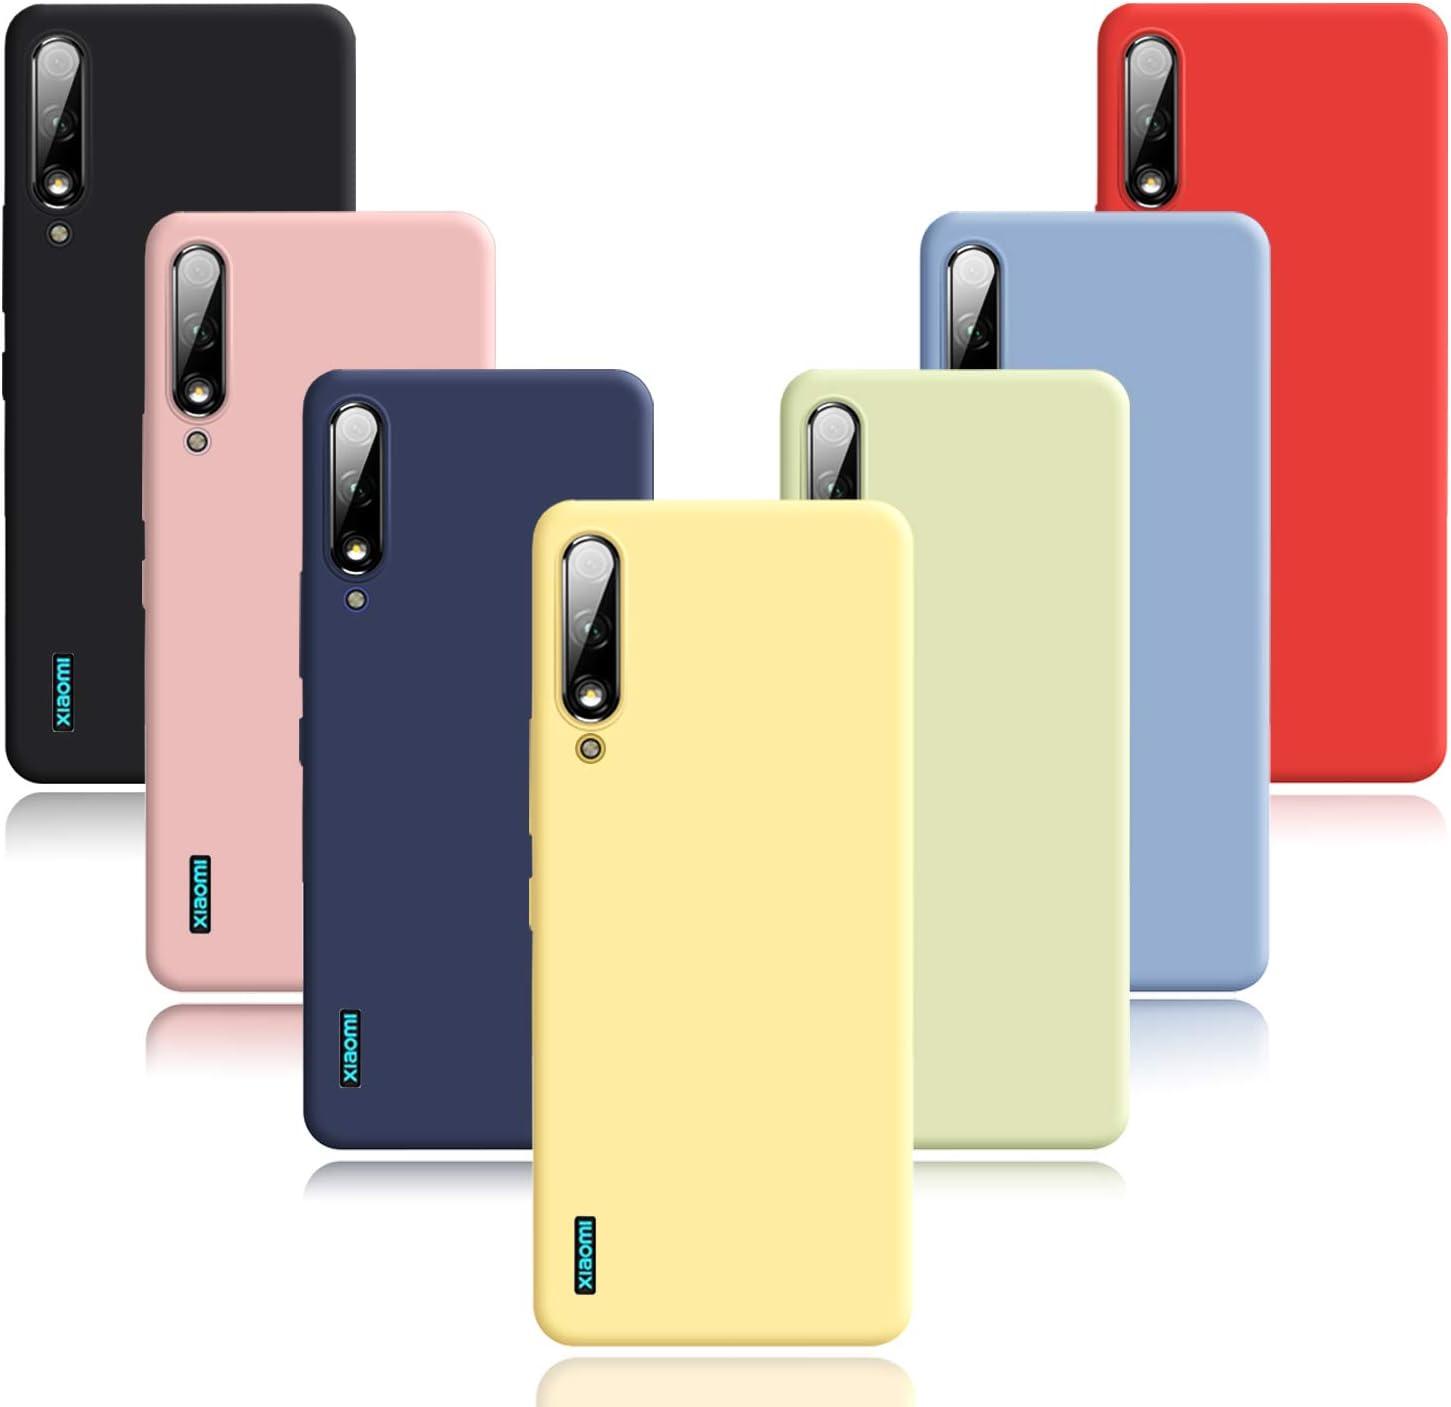 Meeter 7 x Funda Xiaomi Mi 9 Lite/Mi CC9, 7 Unidades Carcasas Ultra Fina Silicona TPU de Alta Resistencia y Flexibilidad Caso Colores (Negro+Rojo+Azul Oscuro+Rosa+Lavanda+Amarillo+Verde)